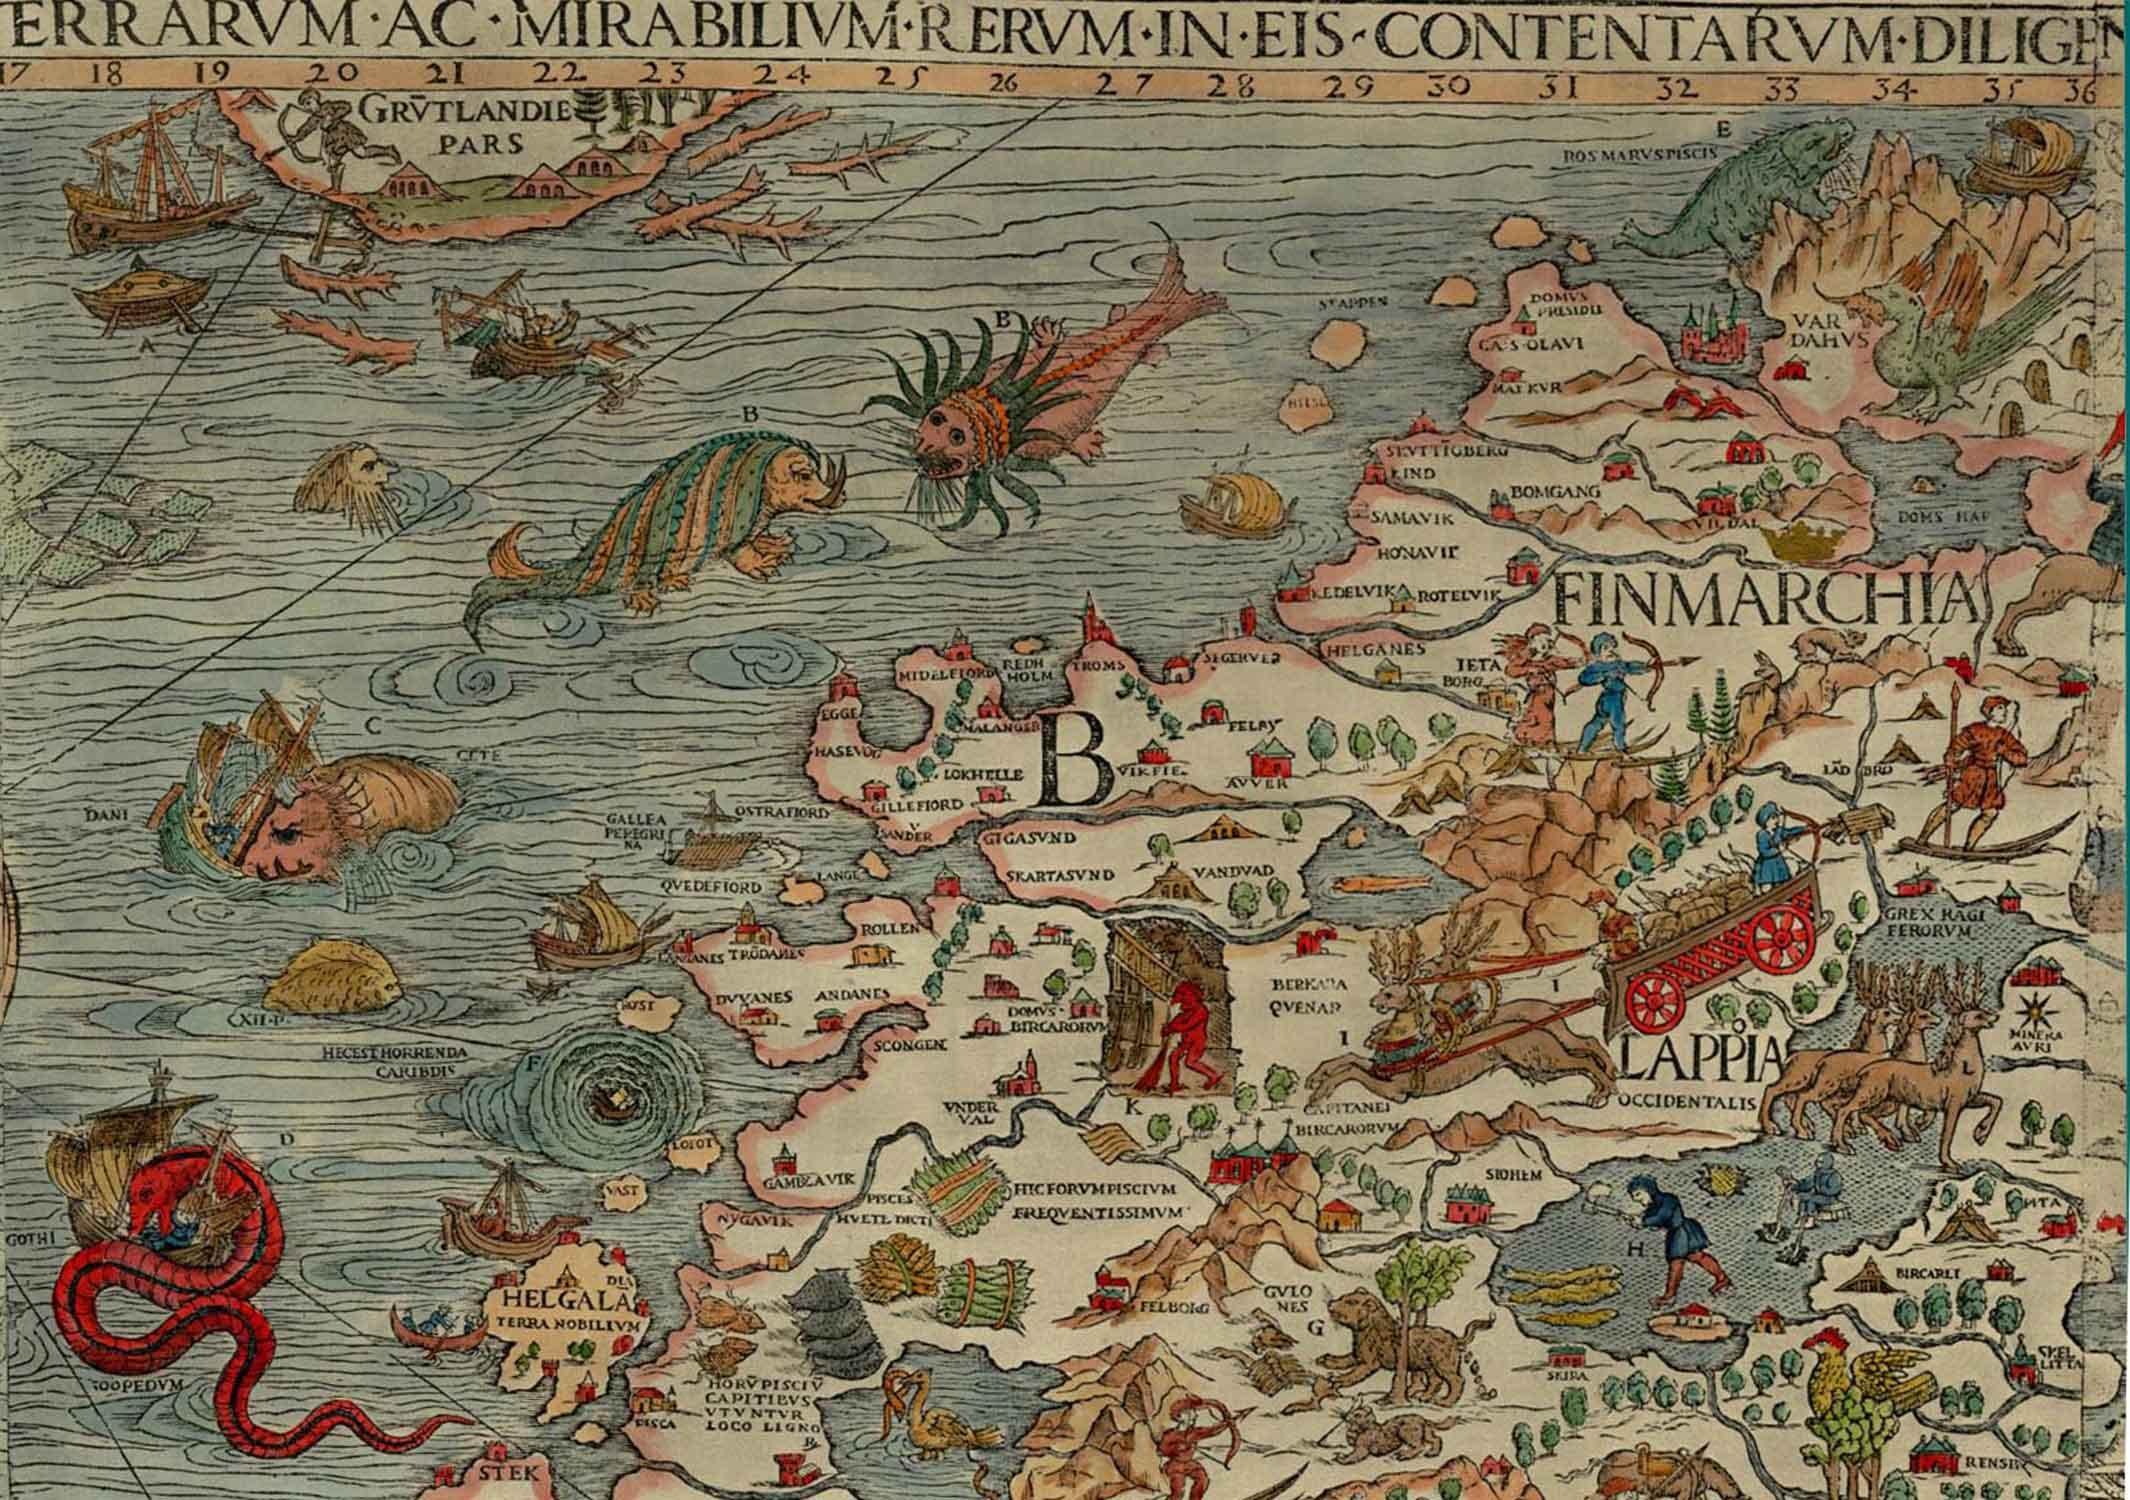 Carta Marina (Public Domain)